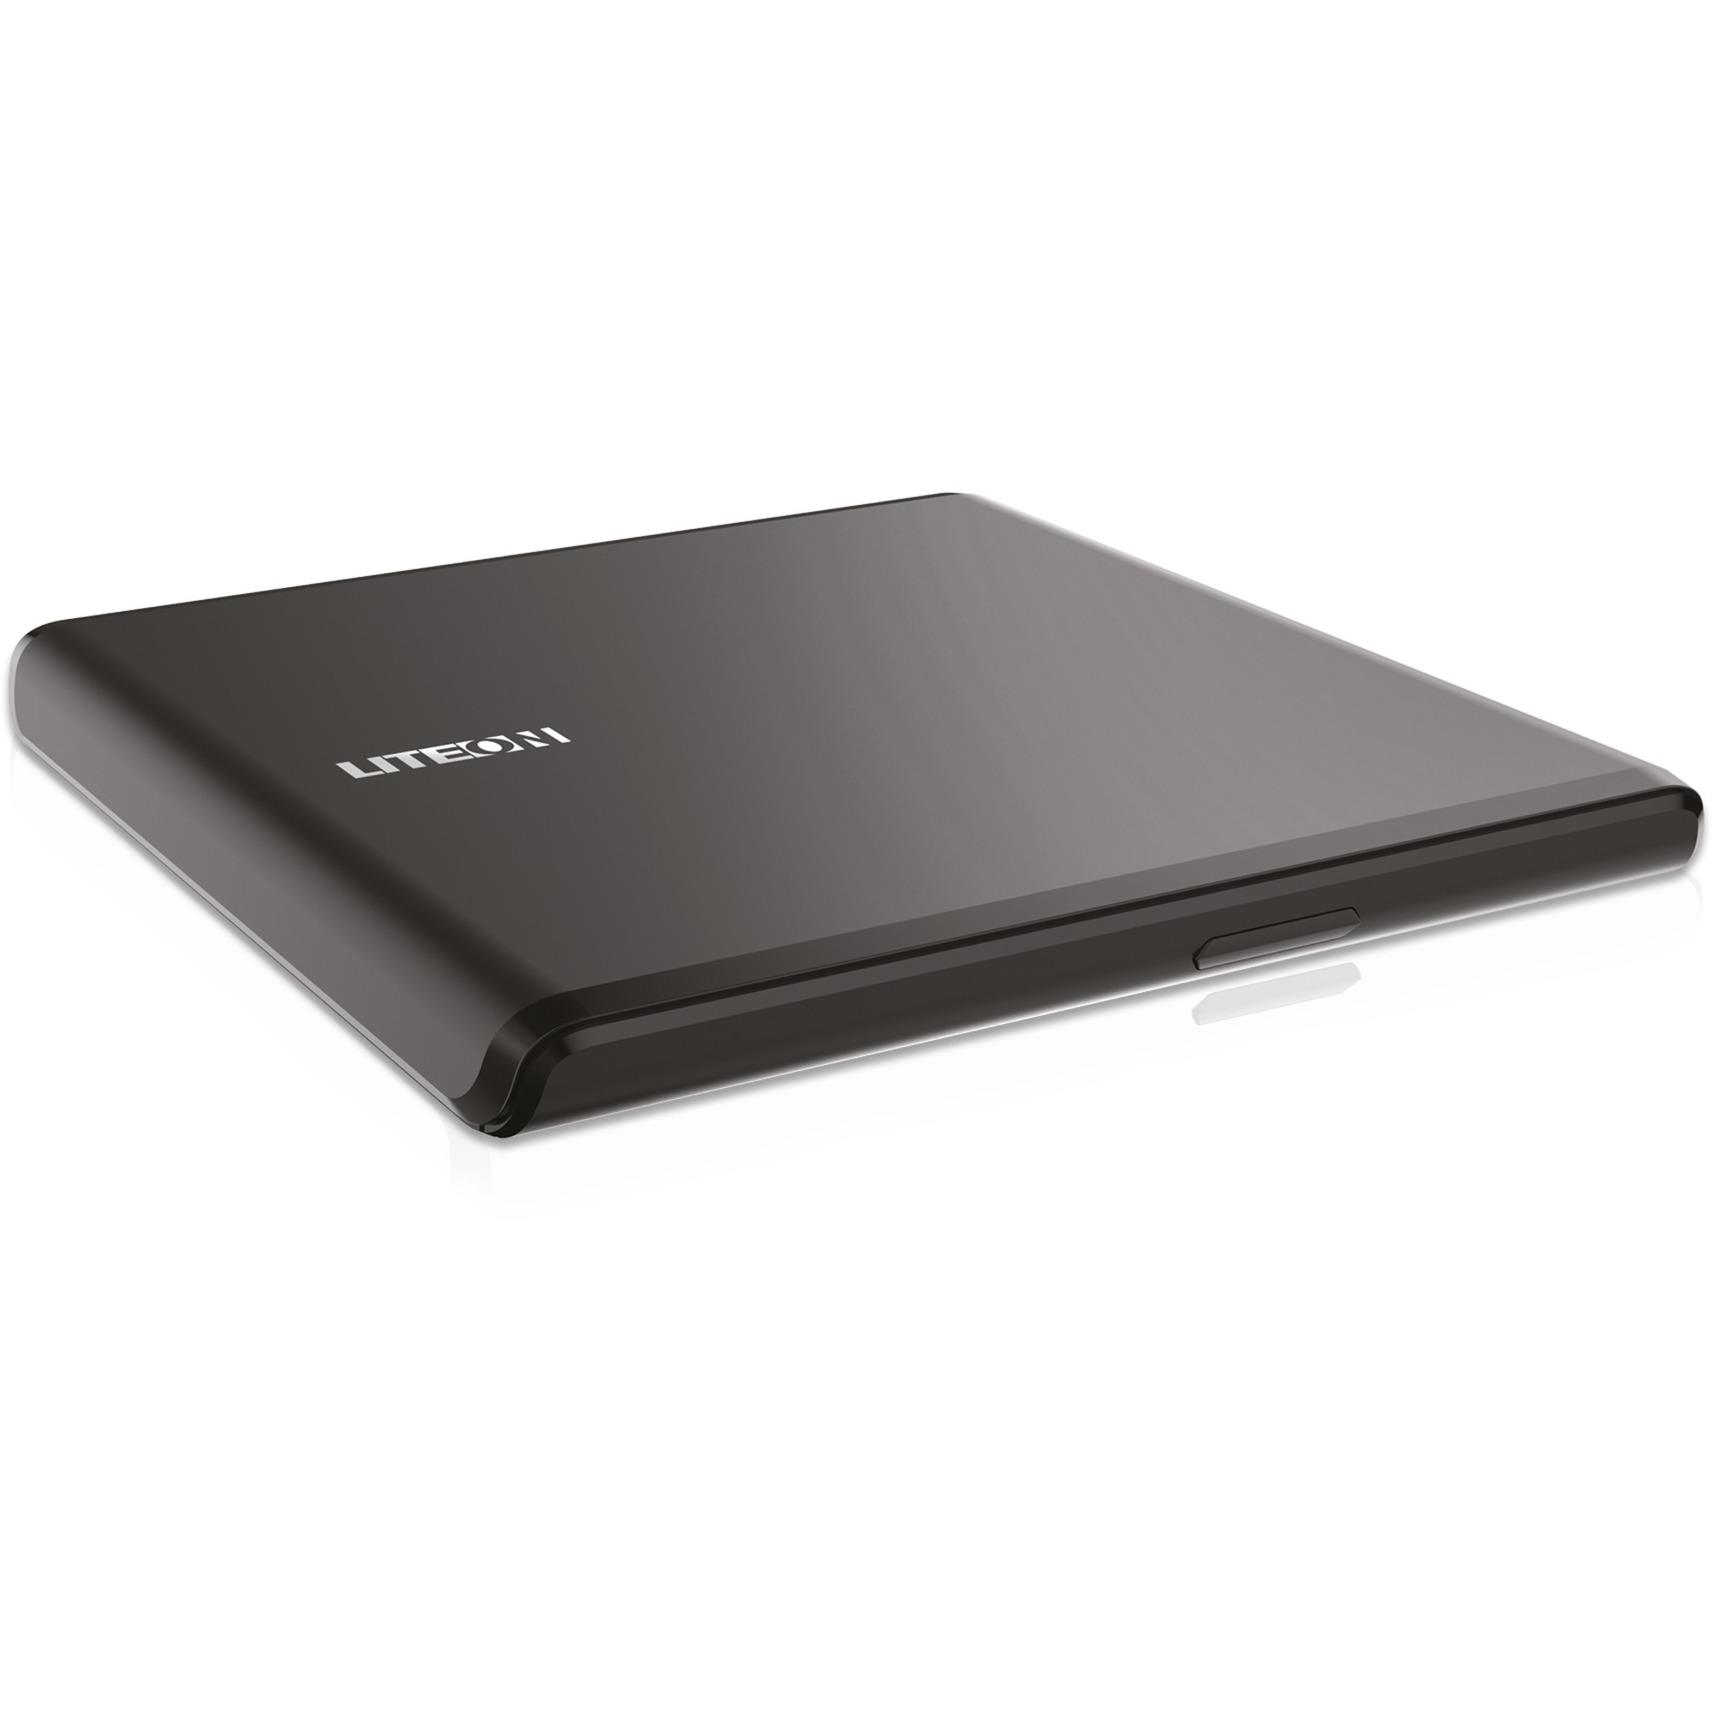 ES1 unidad de disco óptico Negro DVD±RW, Regrabadora DVD